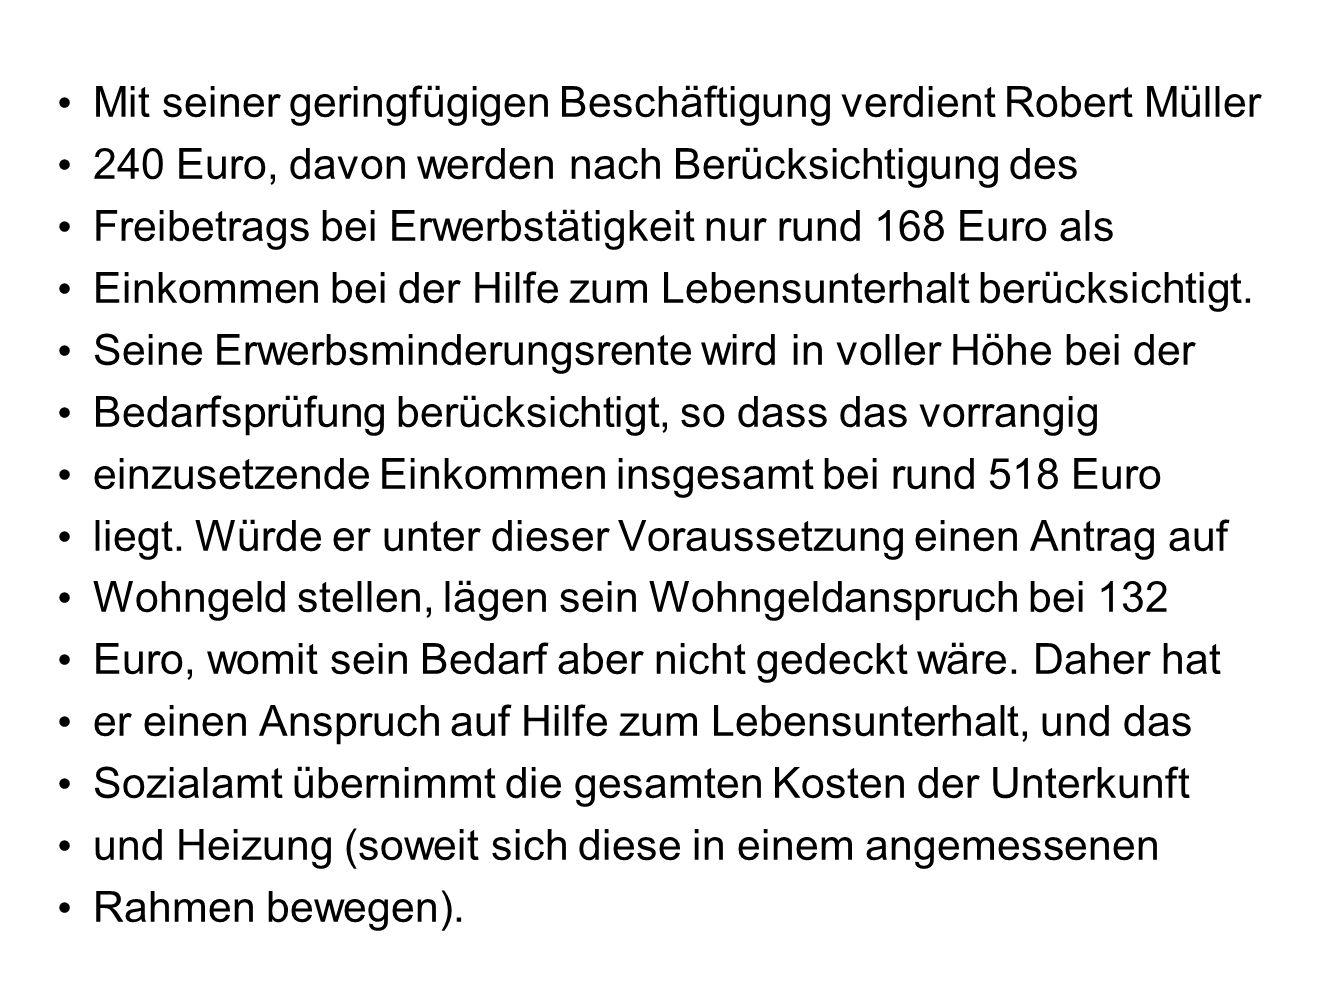 Mit seiner geringfügigen Beschäftigung verdient Robert Müller 240 Euro, davon werden nach Berücksichtigung des Freibetrags bei Erwerbstätigkeit nur ru